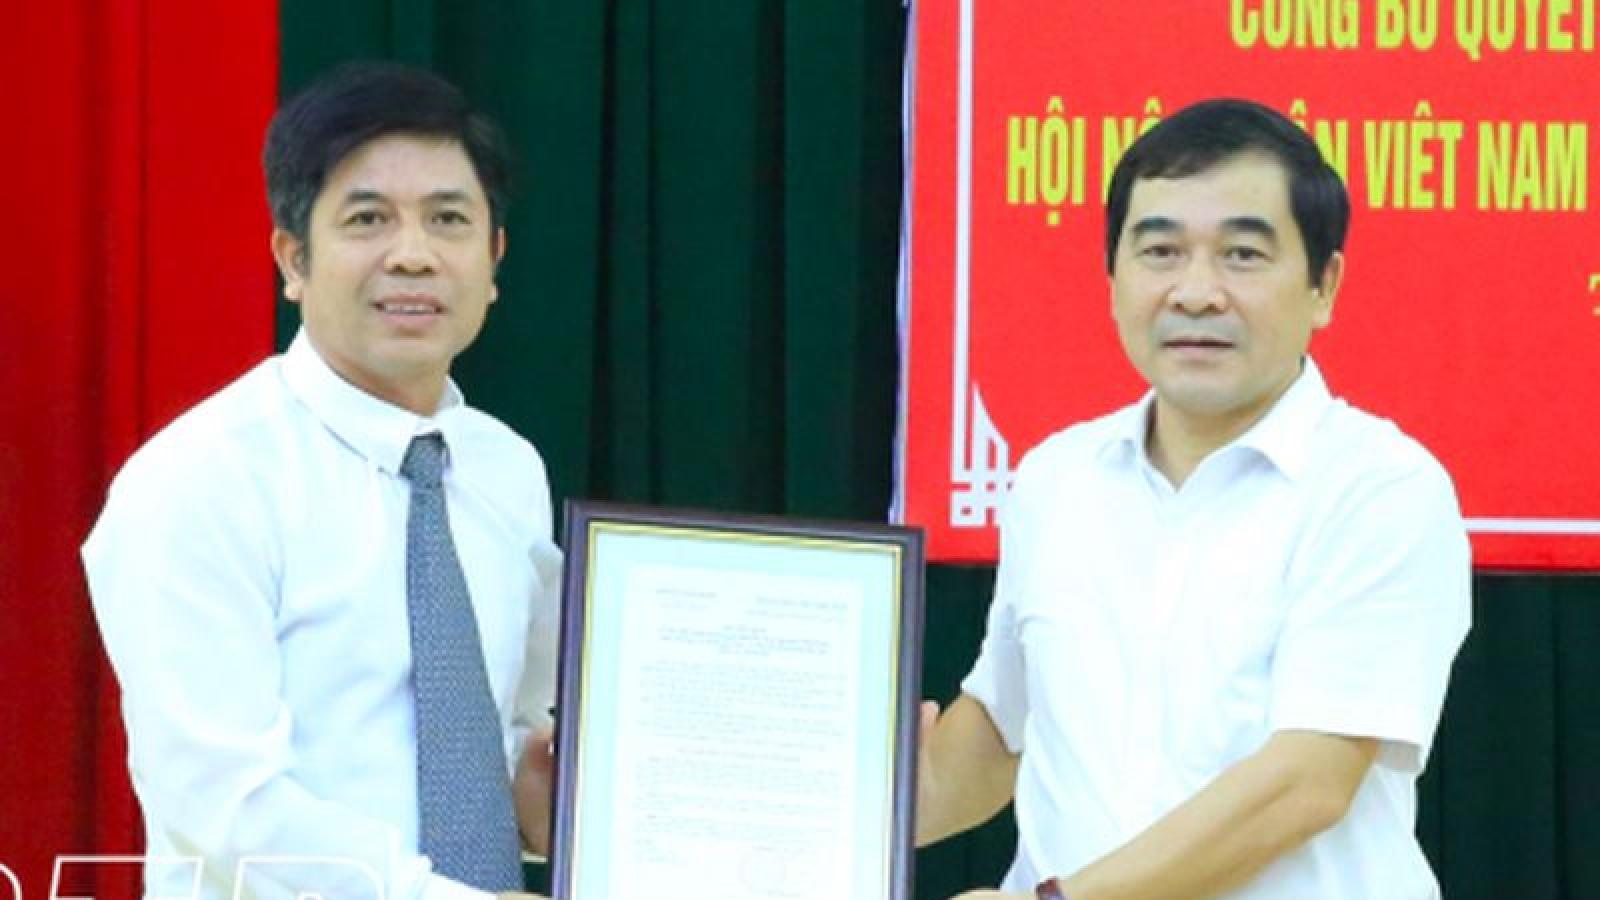 Nhân sự mới tỉnh Thái Bình, Bộ Ngoại giao